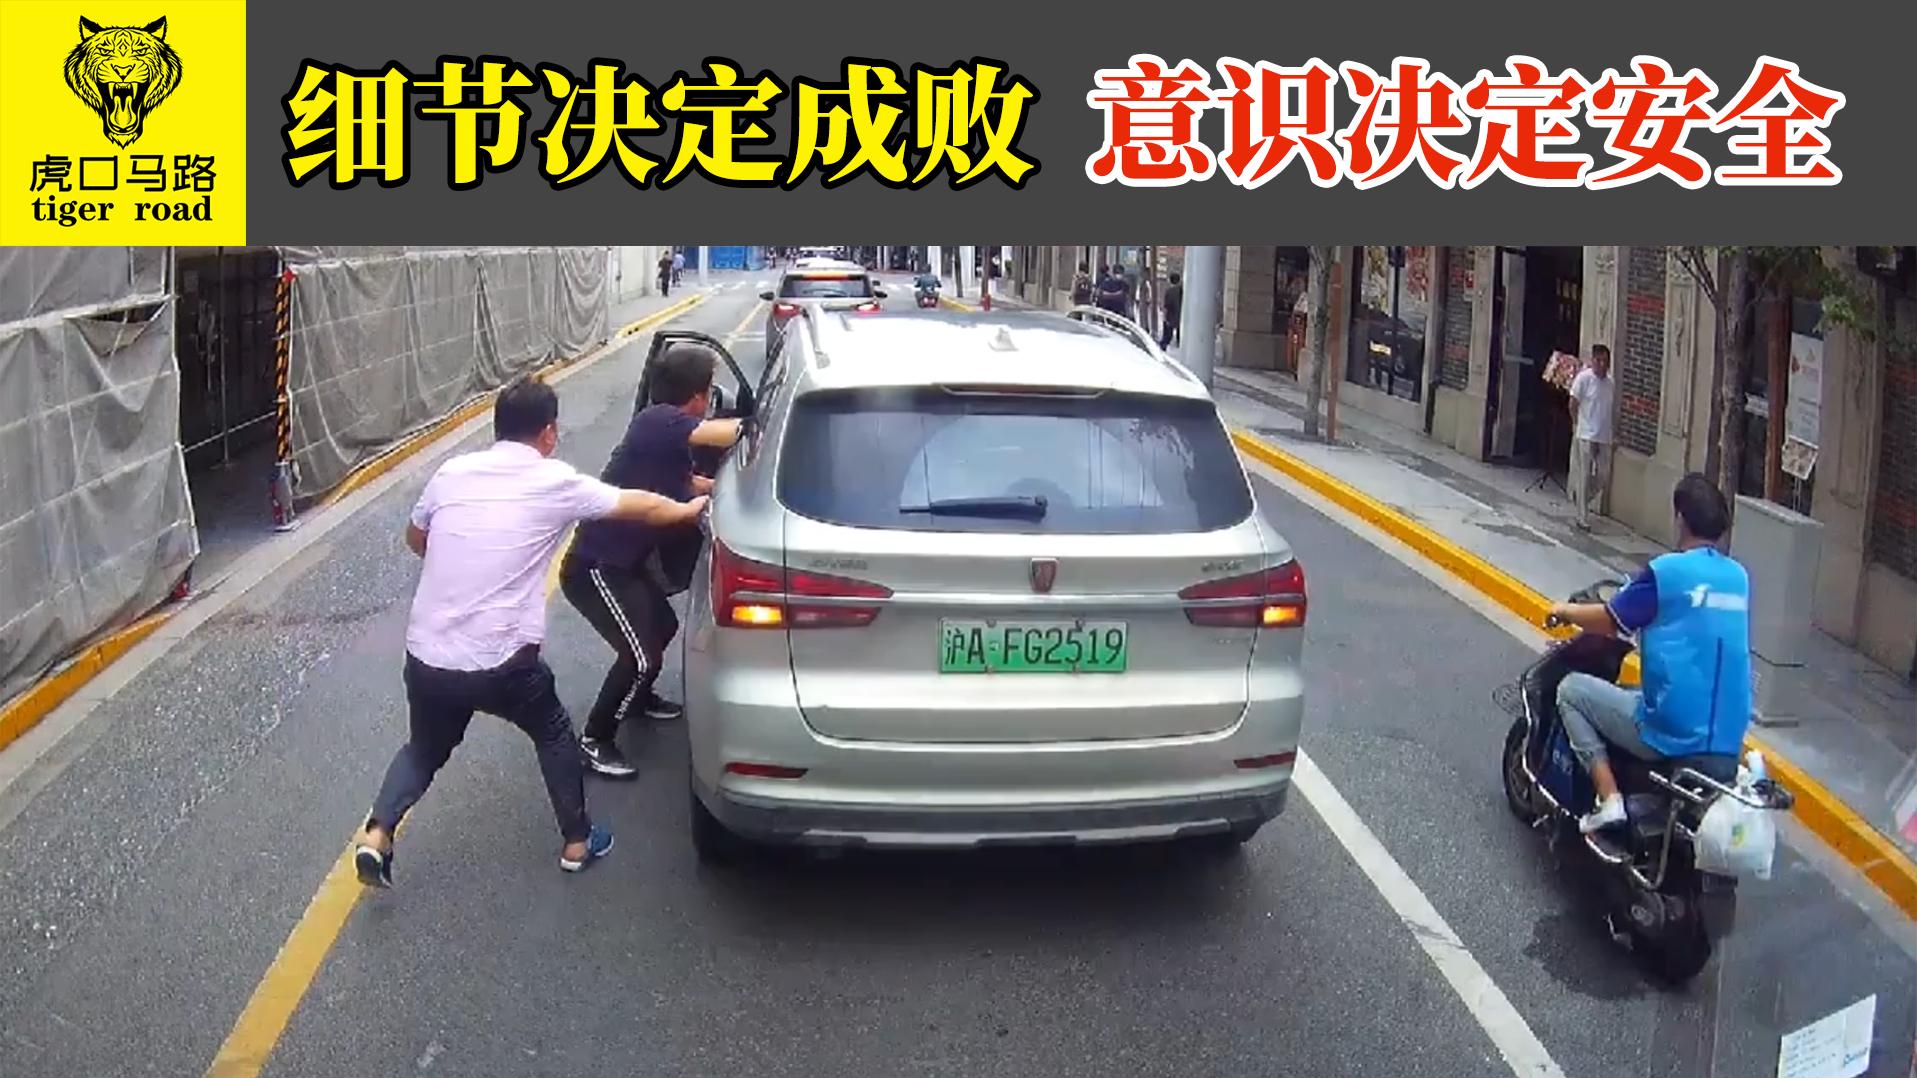 2020交通事故(30):细节决定成败,意识决定安全